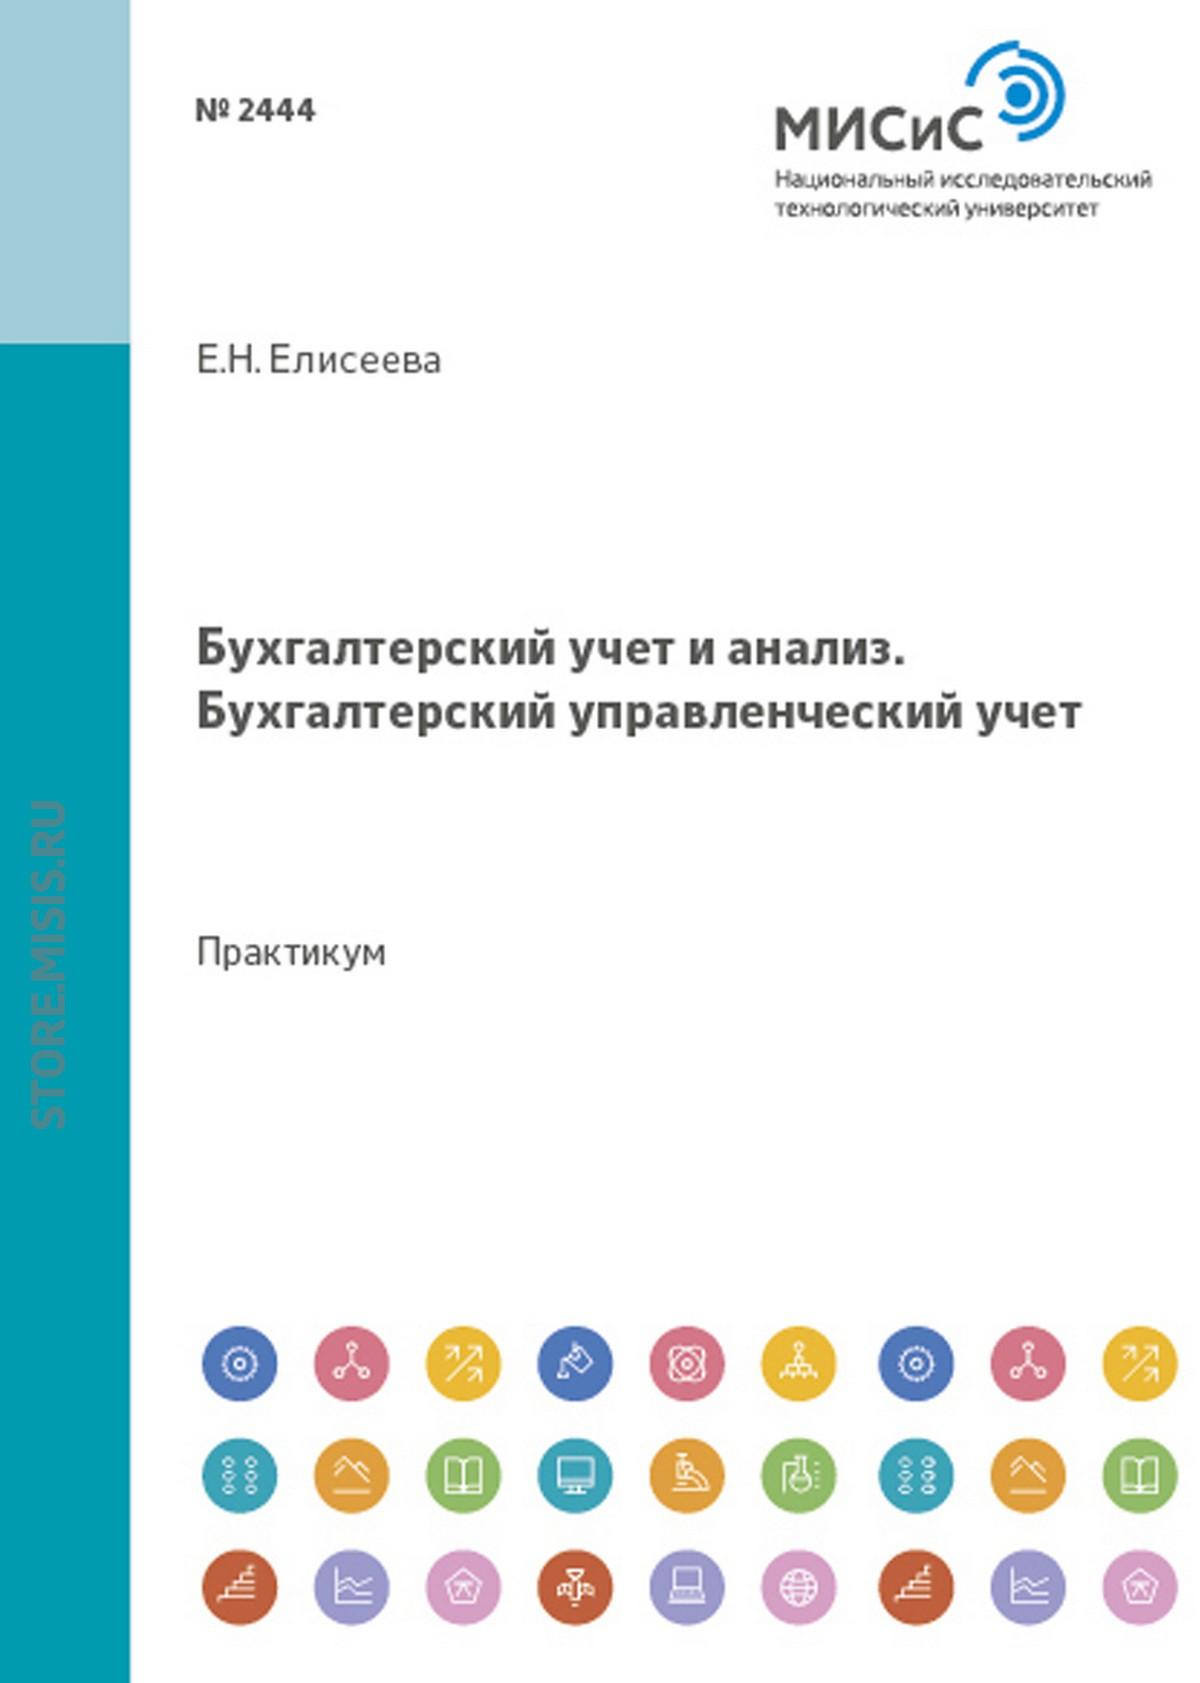 Евгения Елисеева Бухгалтерский учет и анализ. Бухгалтерский управленческий учет